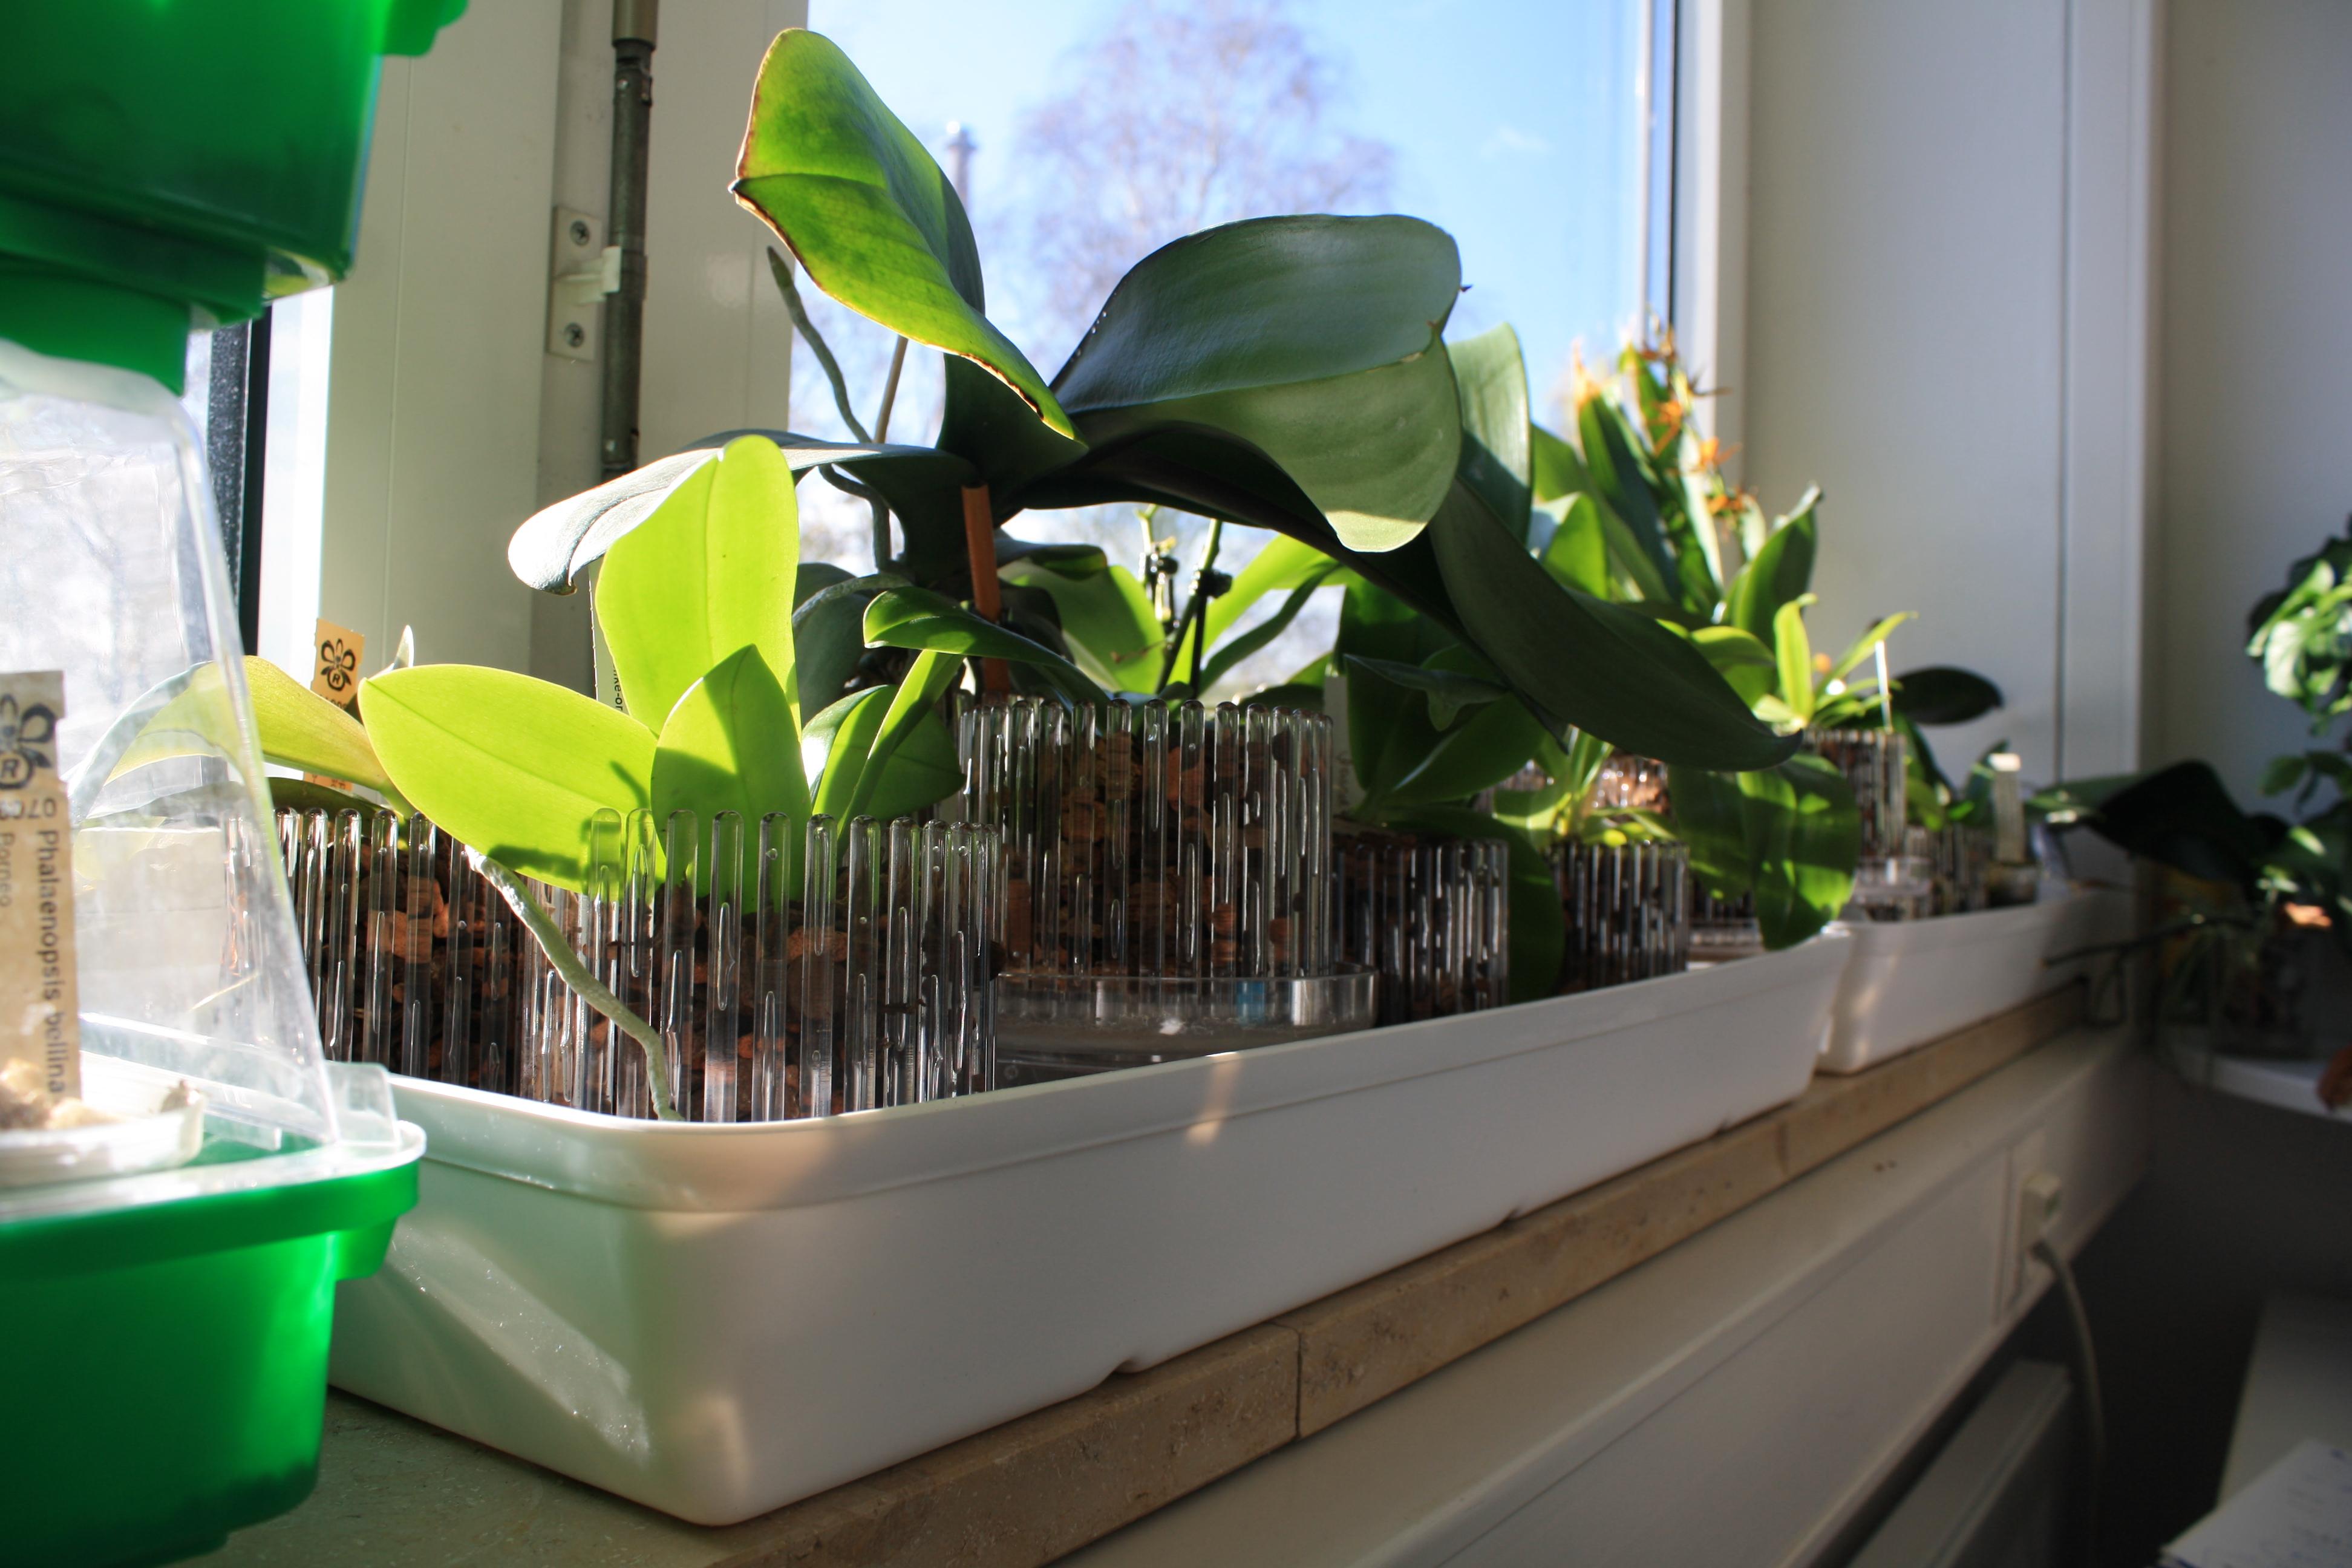 Fensterbankschalen können die Luftfeuchte für die Orchideen an Ort und Stelle erhöhen.